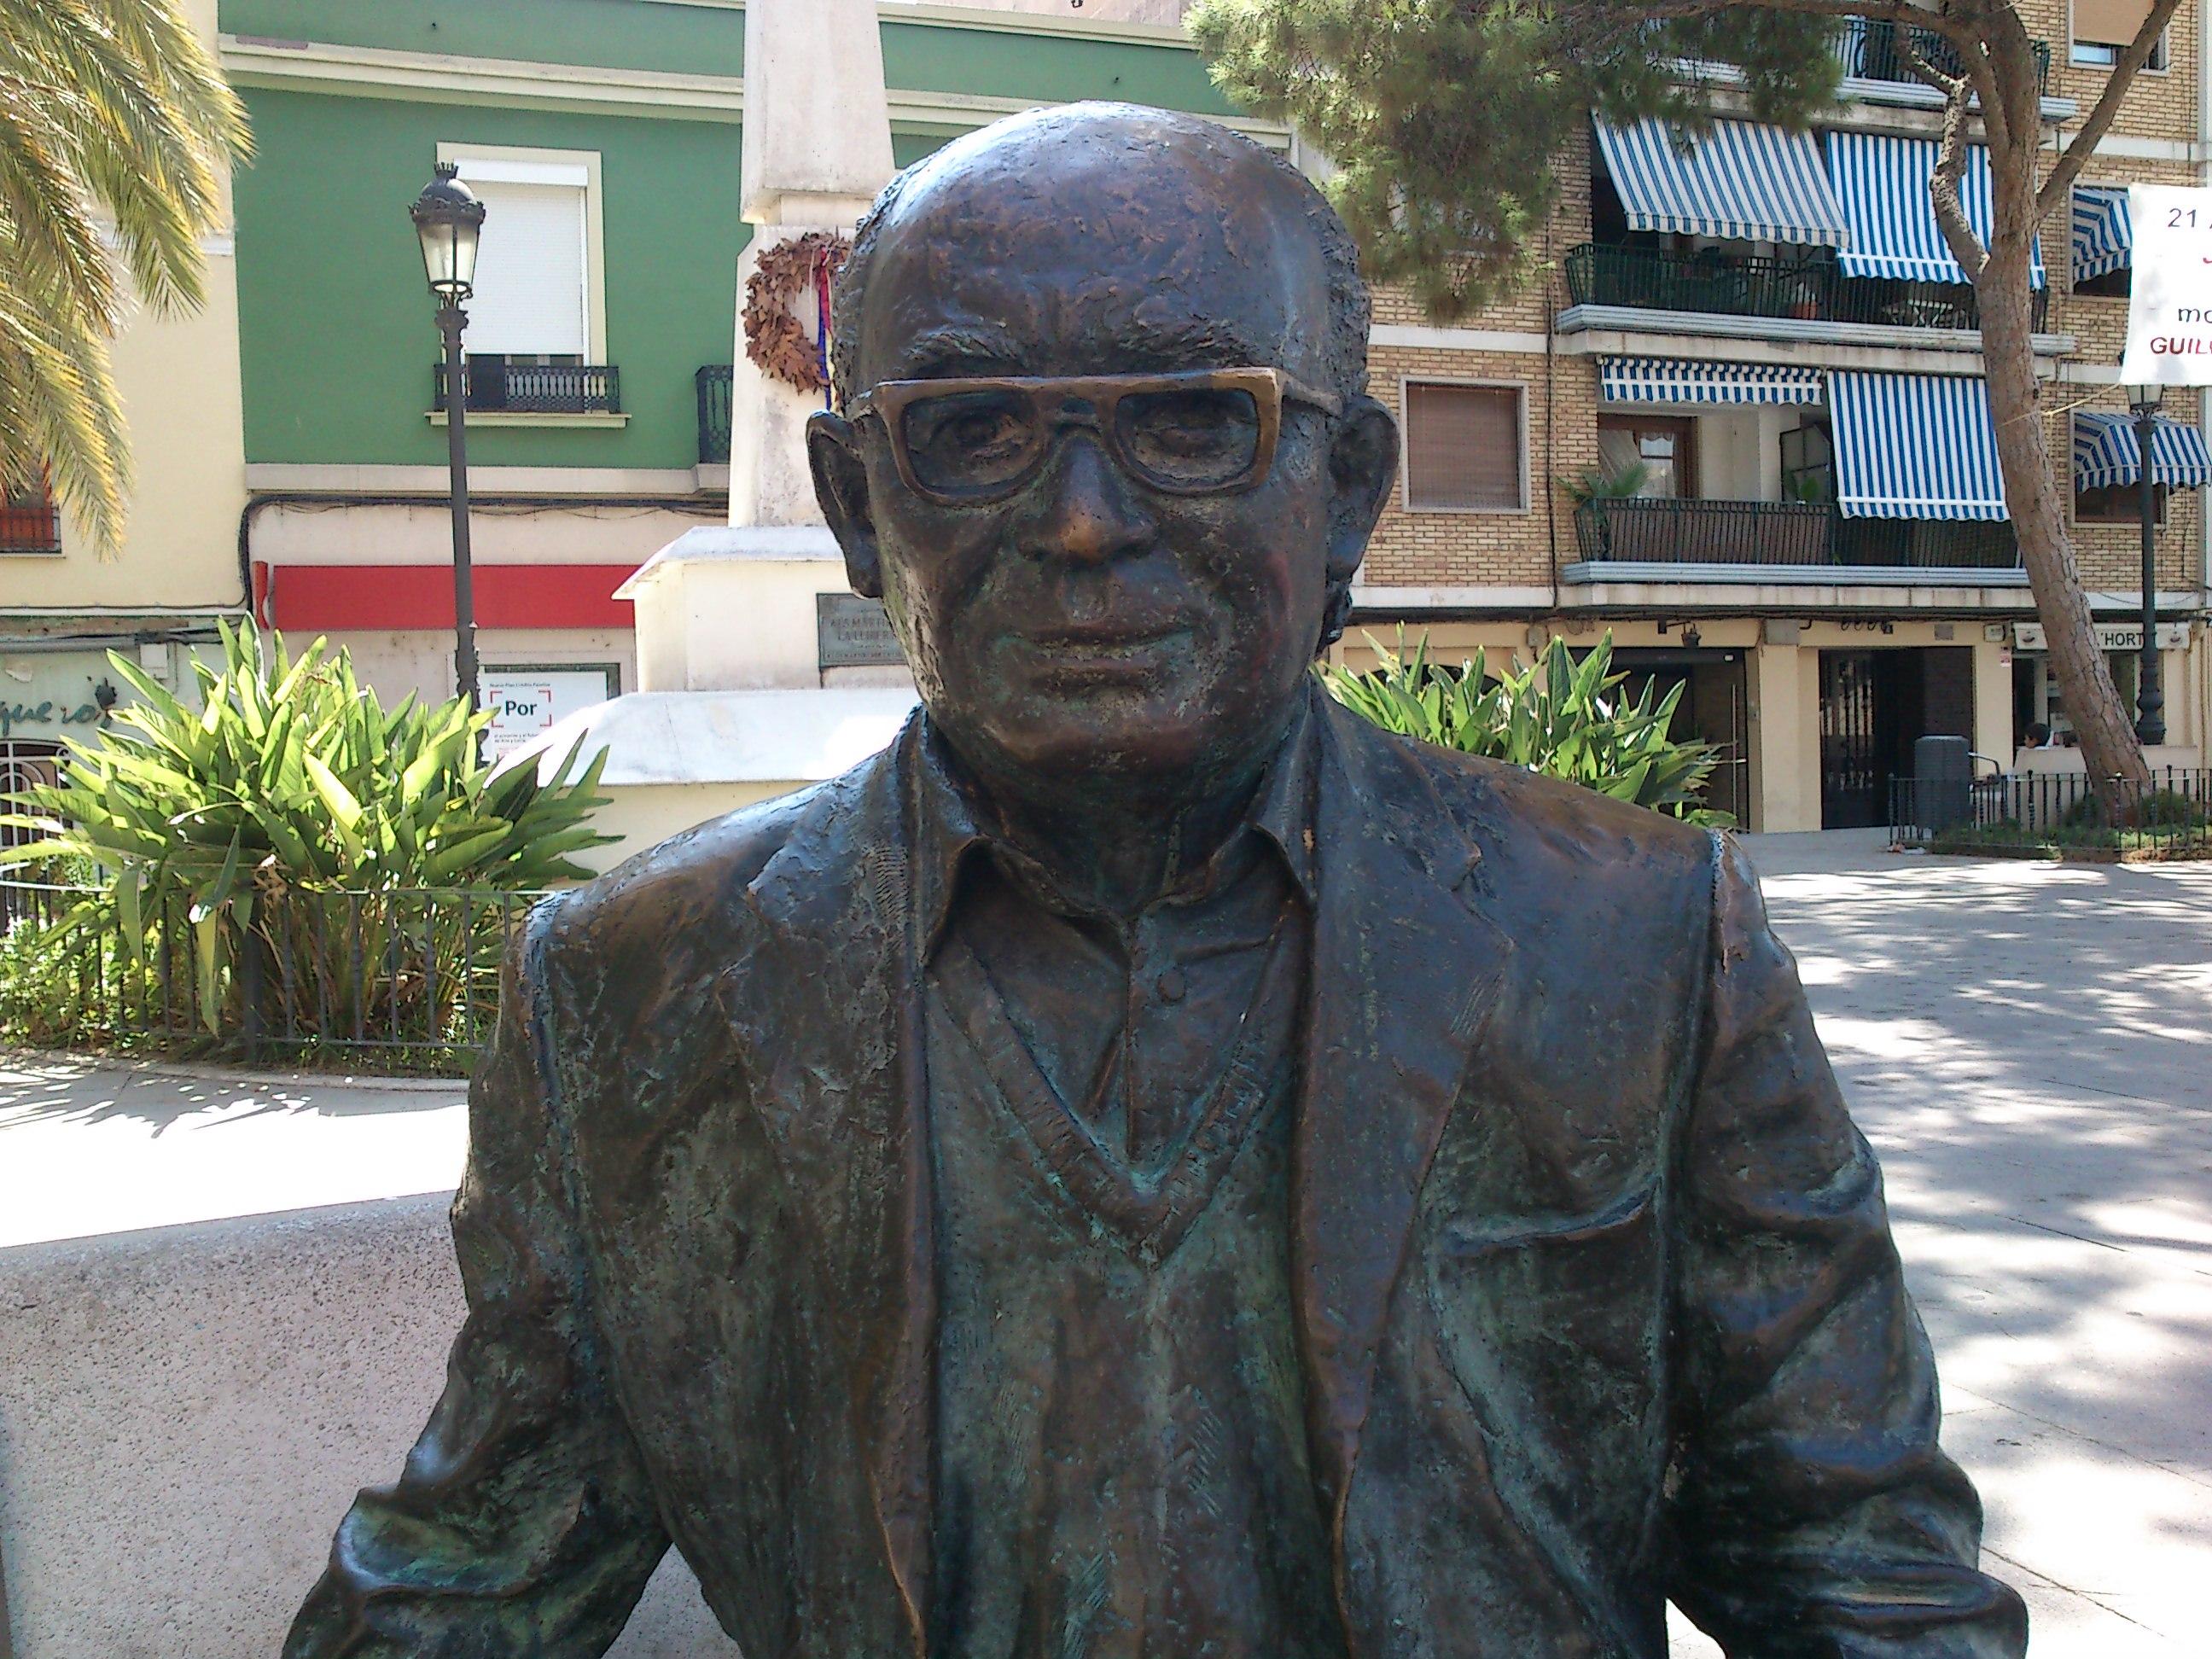 Estatua en bronce del autor sentado en un banco de la plaza Emilio Castelar de Burjasot